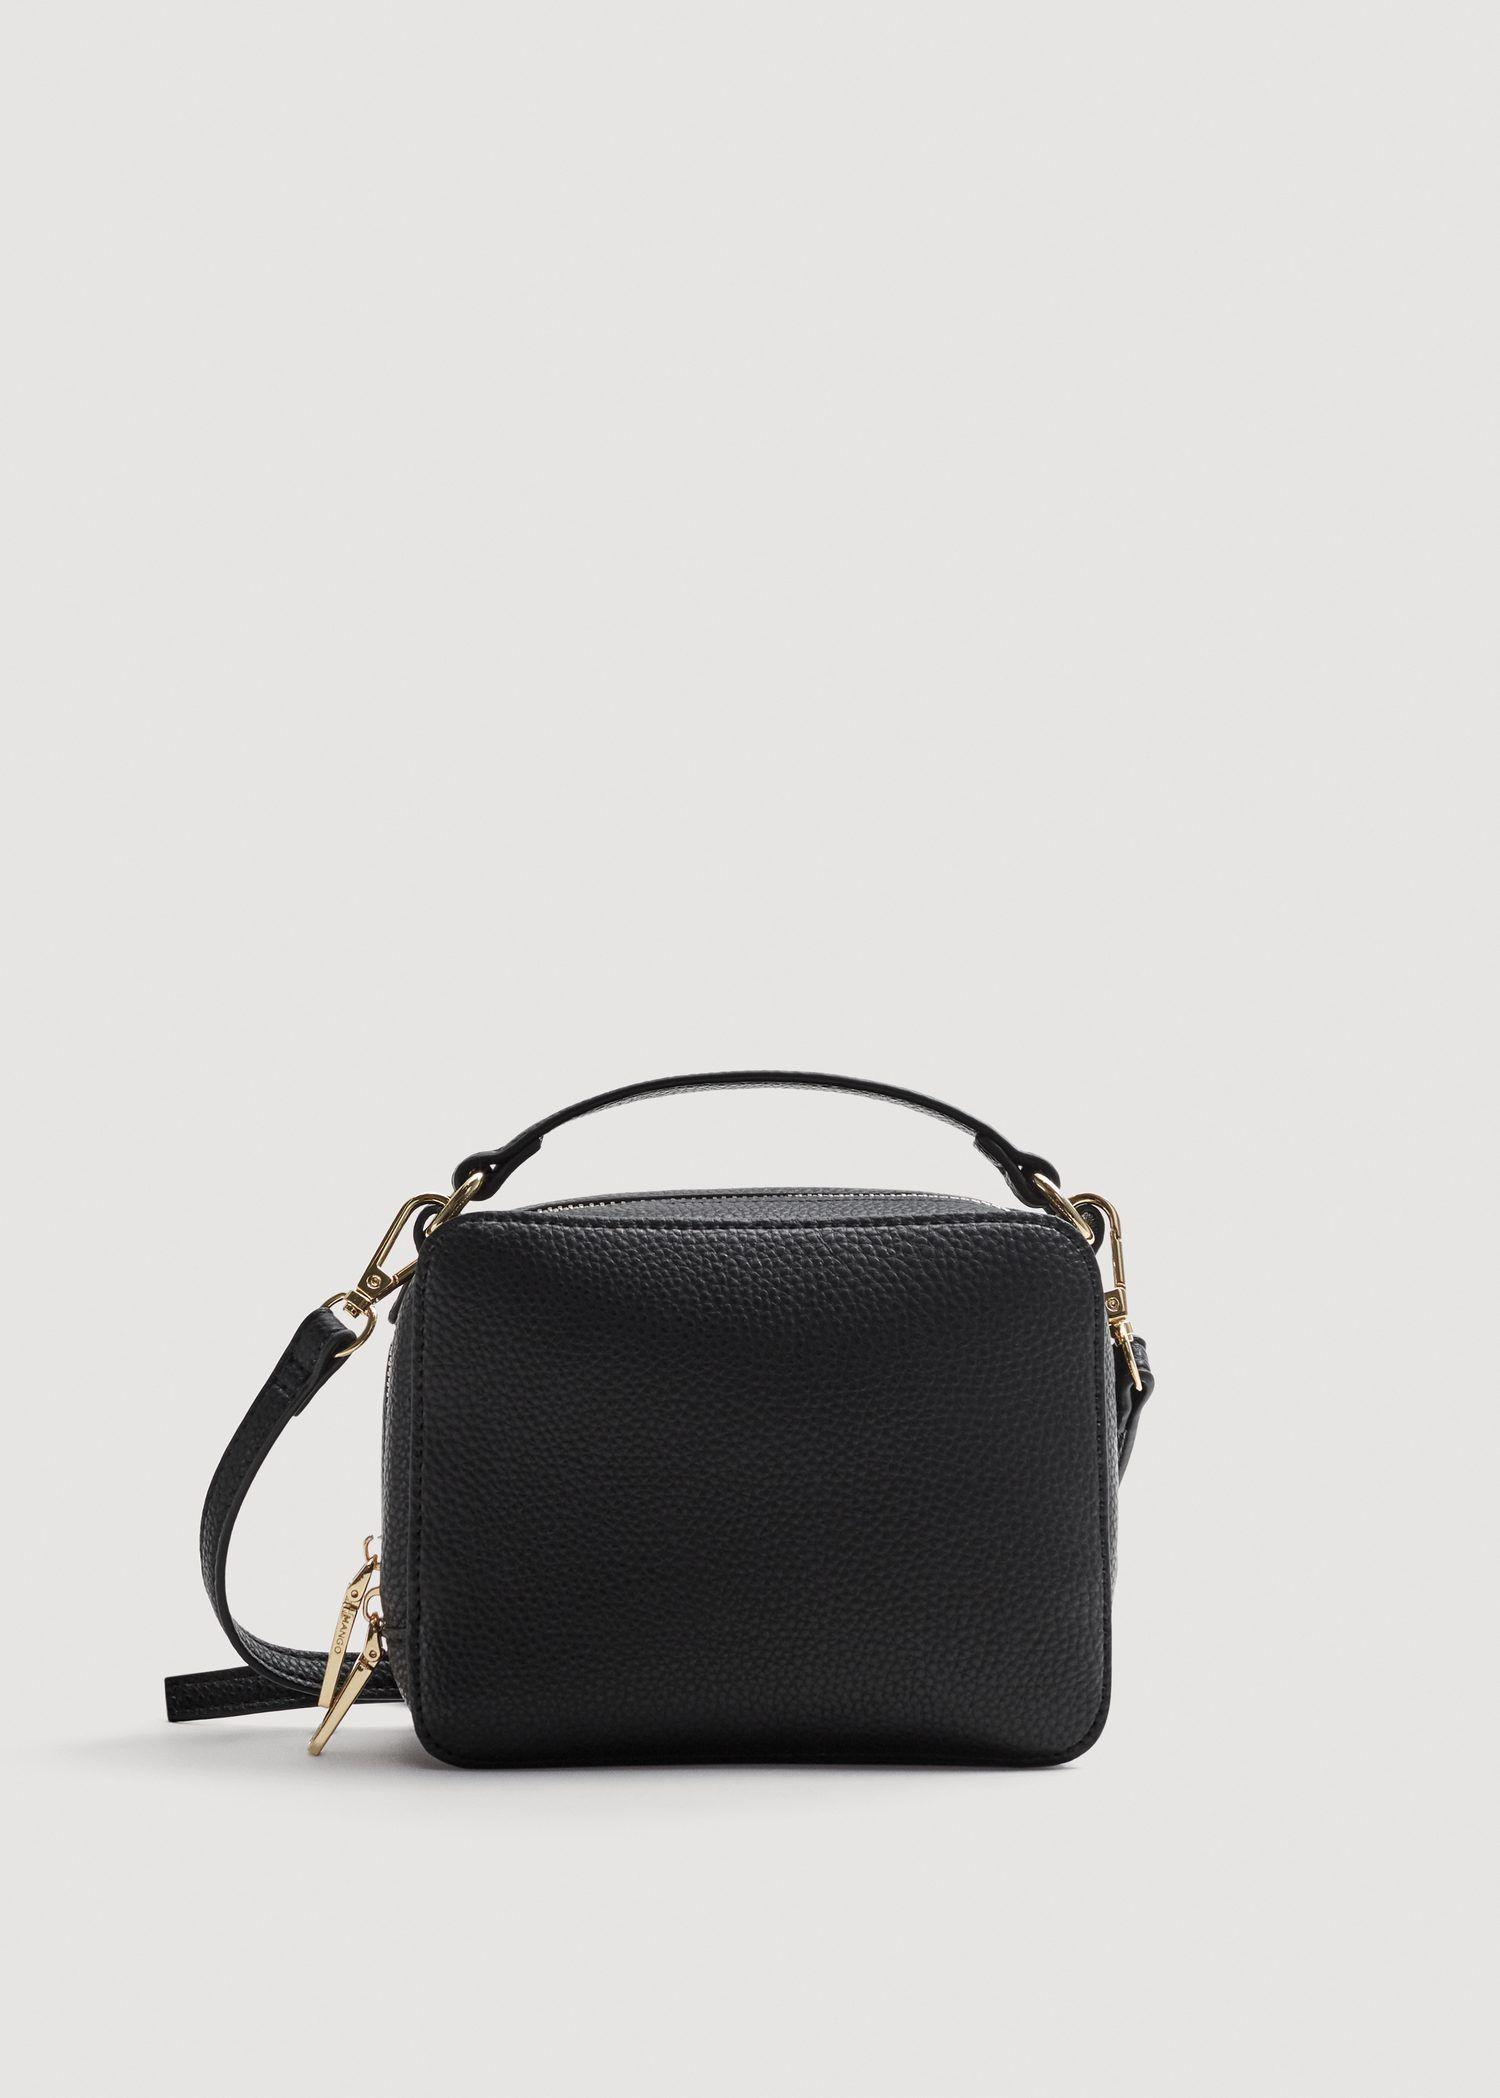 39a04fa6d26c0 Mini çapraz çanta - Çanta - Kadın noong 2019 | şeyler | Mango, Kadın ...